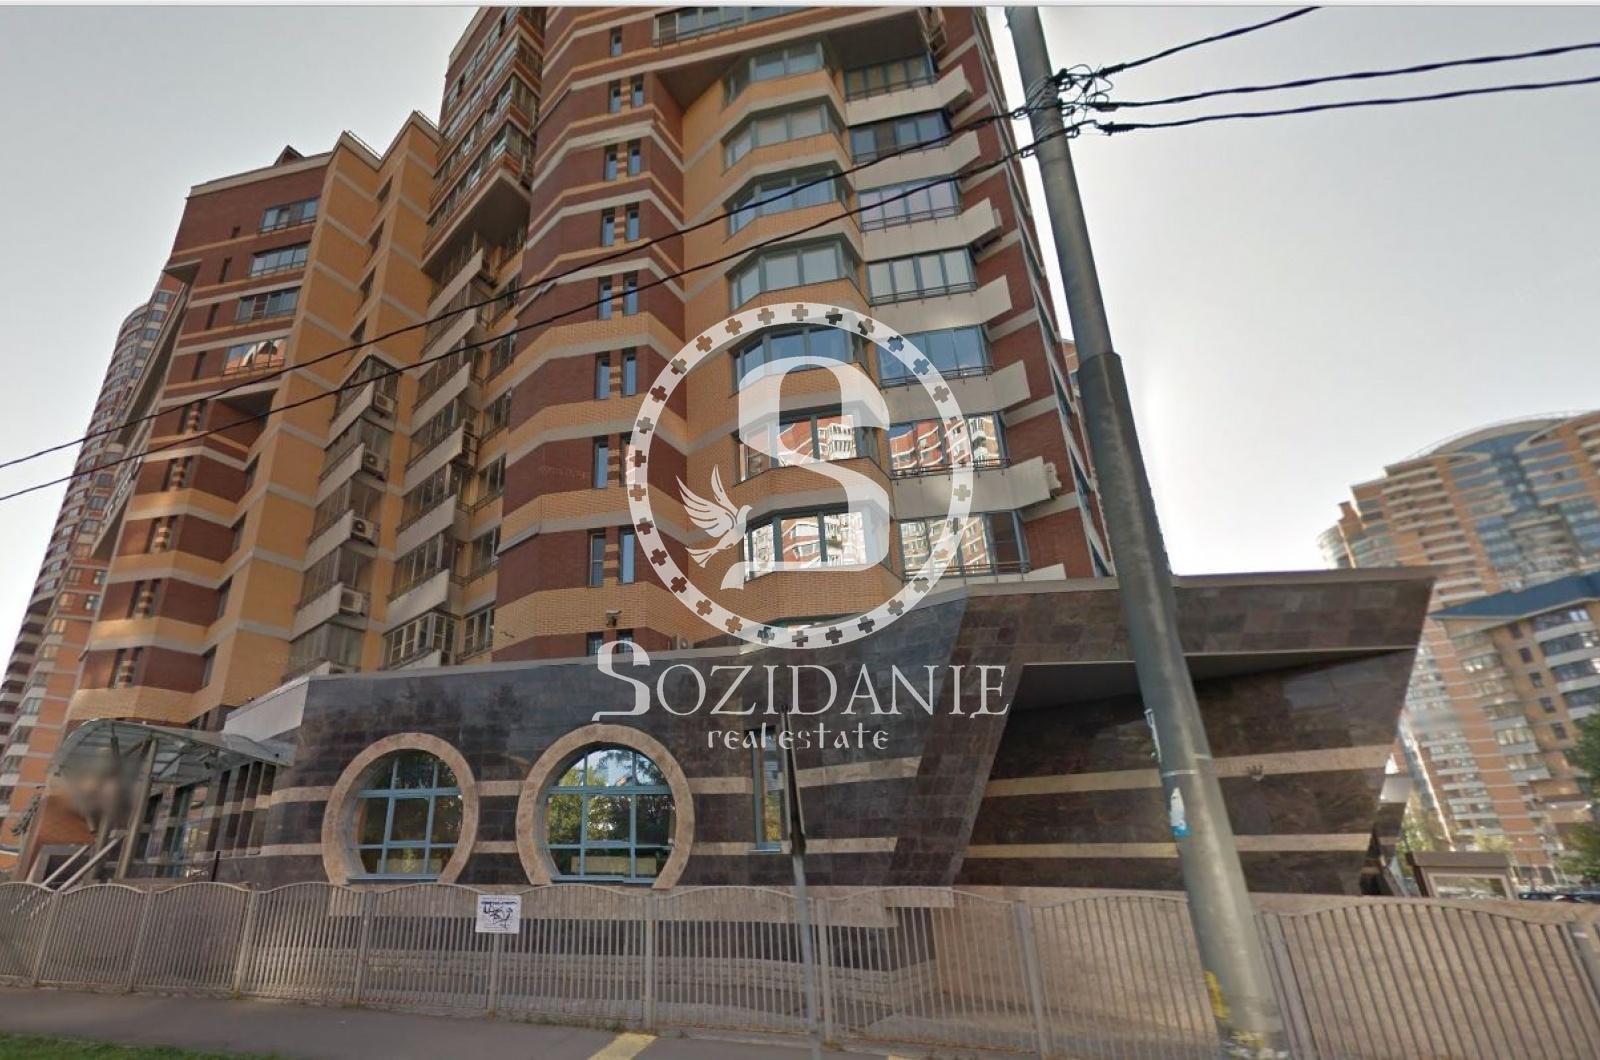 4 Комнаты, Городская, Аренда, Ленинский проспект, Listing ID 1212, Москва, Россия,